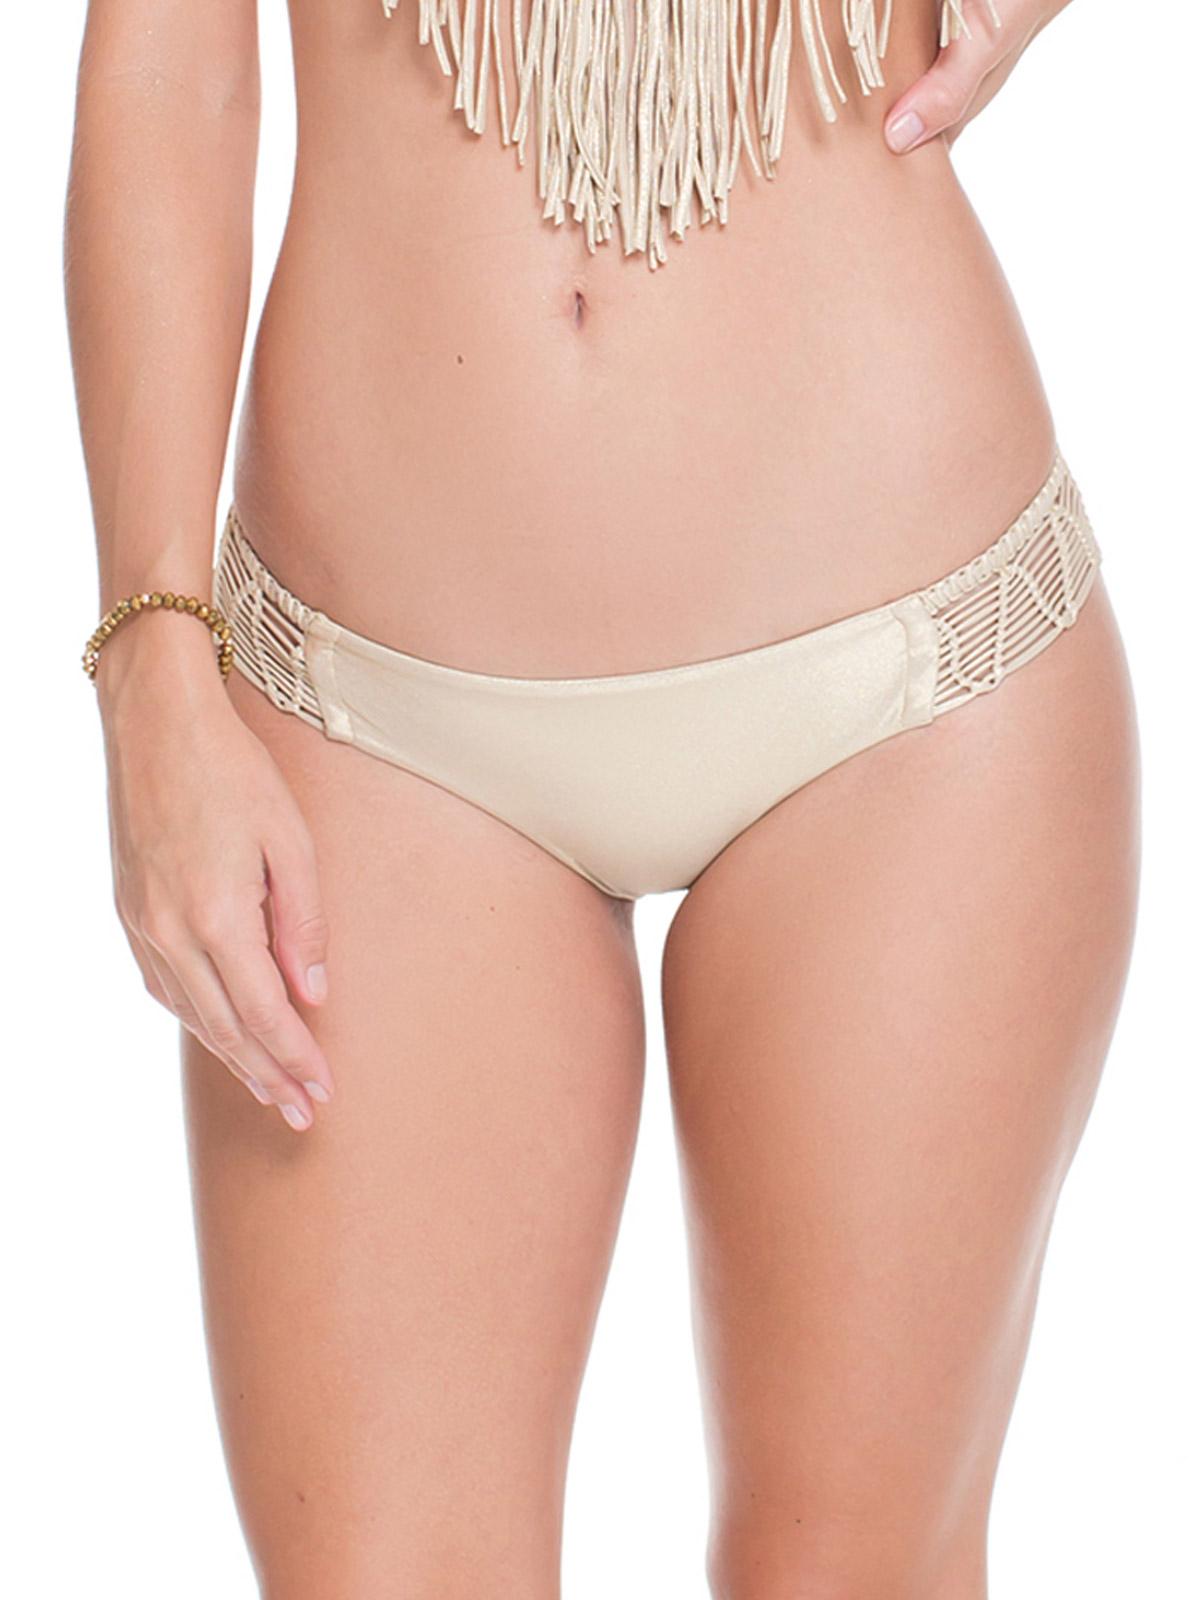 gold satin bikini jpg 1500x1000